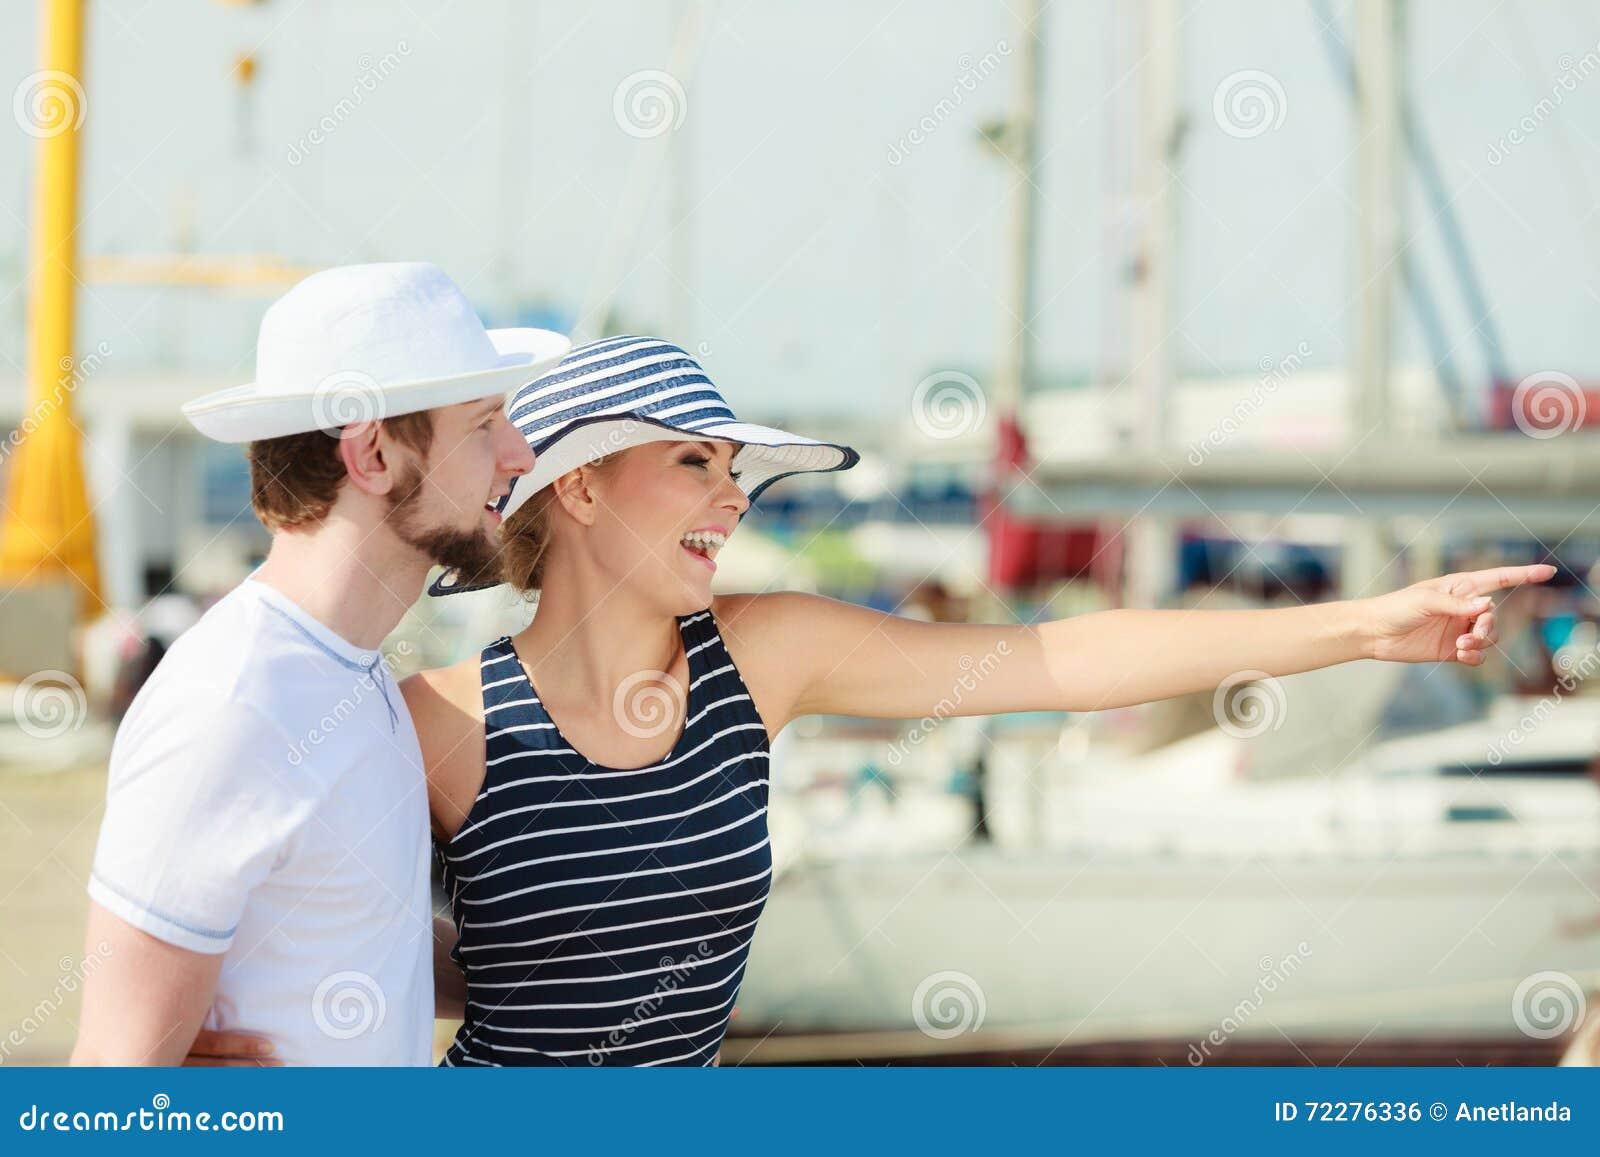 Download Туристские пары в Марине против яхт в порте Стоковое Фото - изображение насчитывающей море, перемещать: 72276336